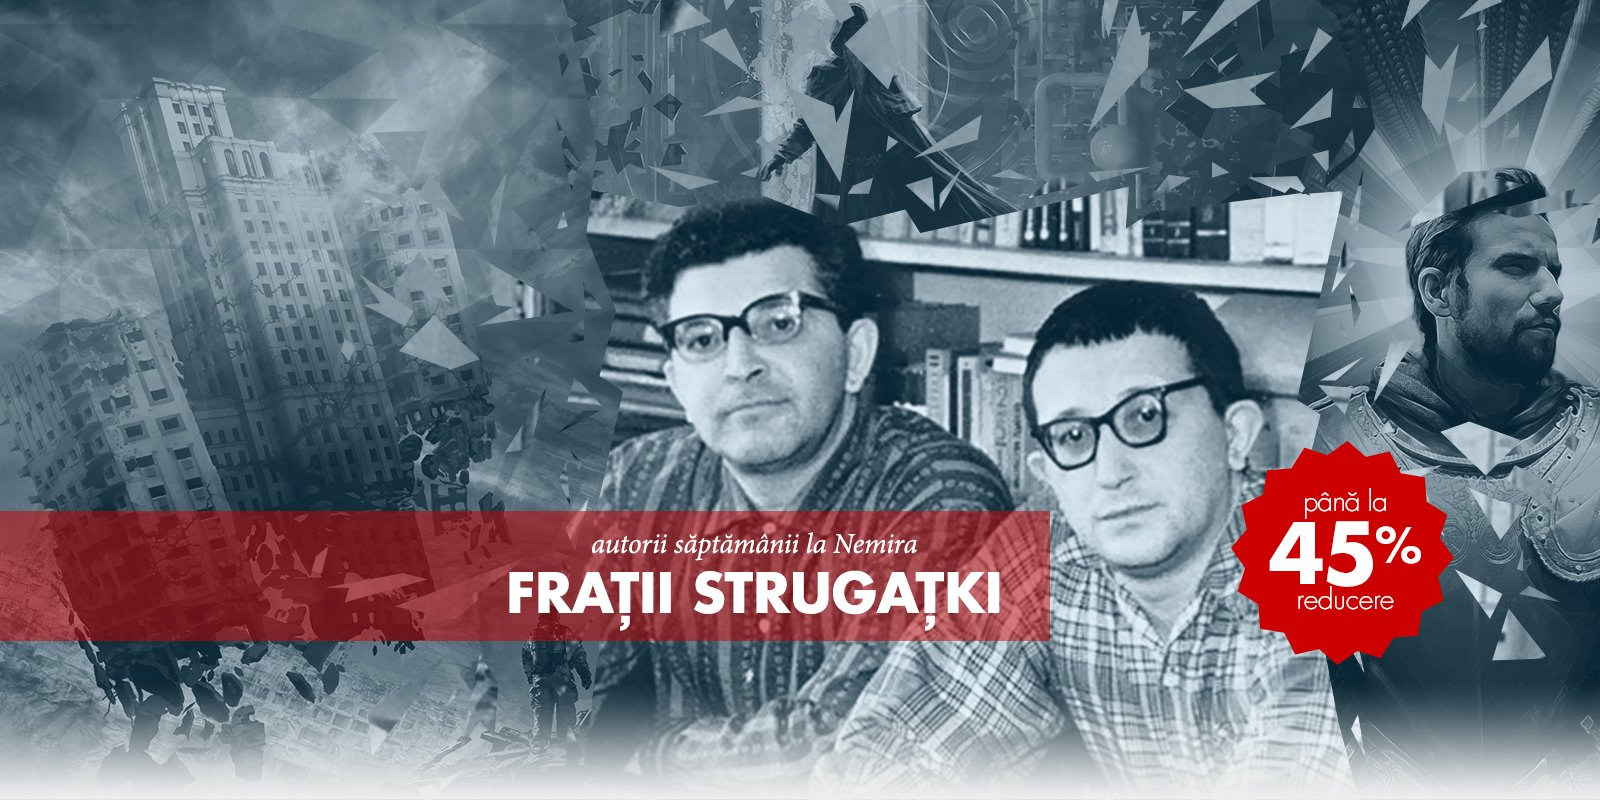 Fratii Strugatki